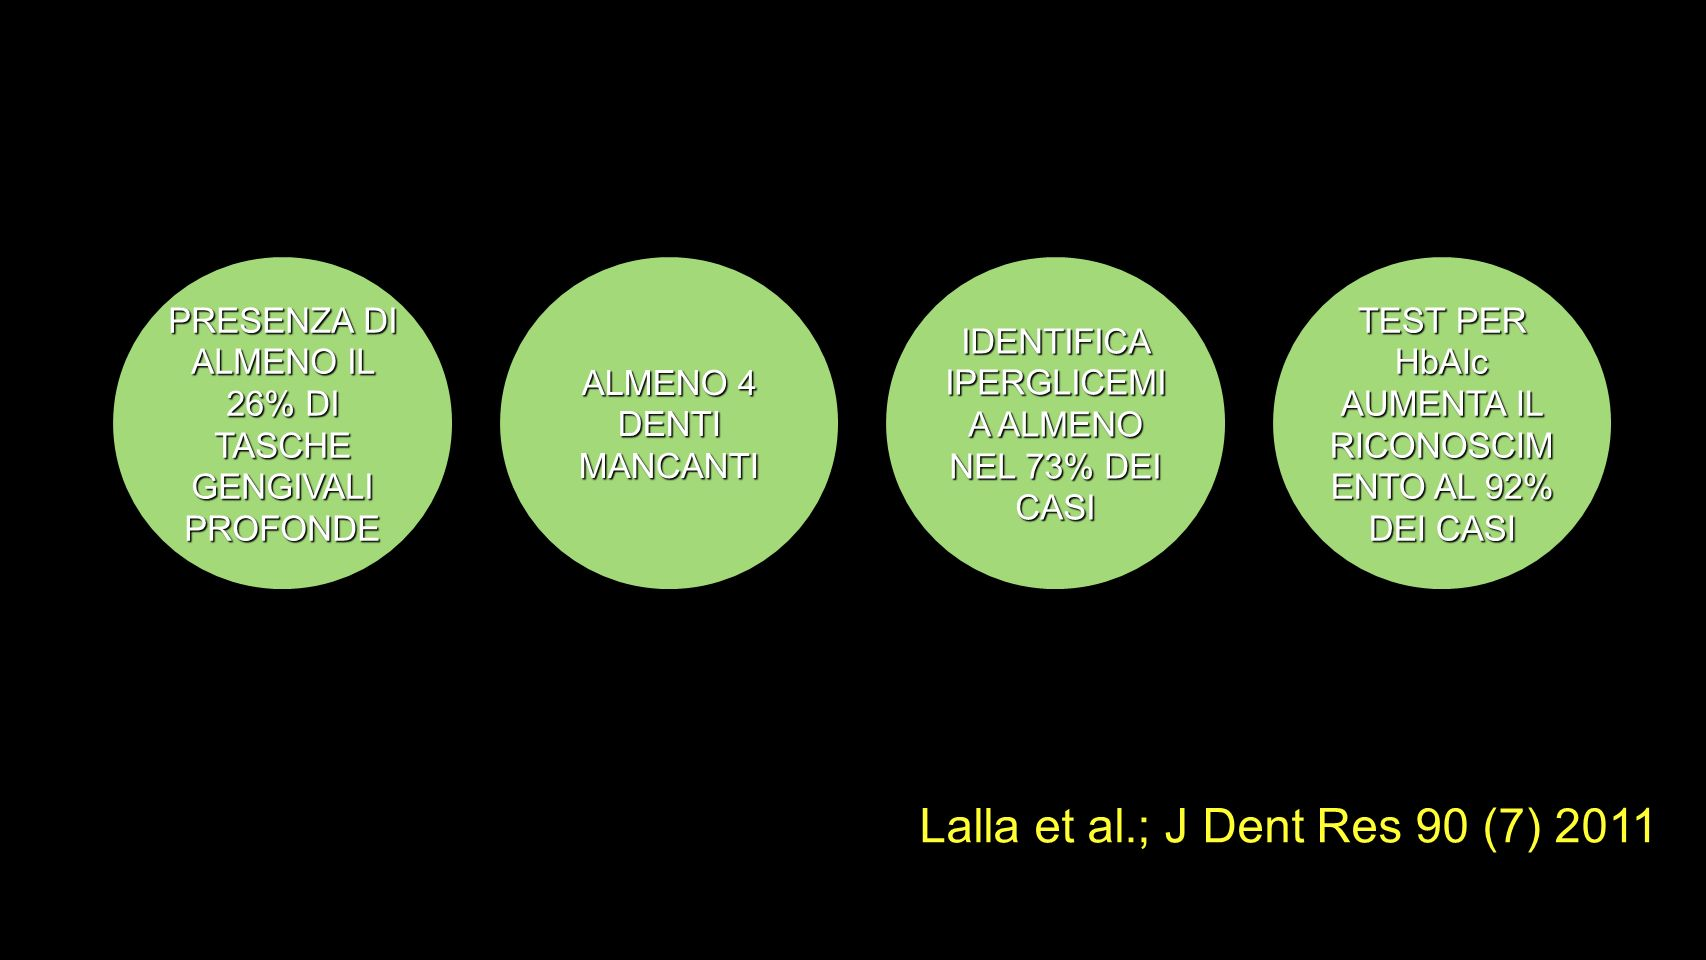 Lalla et al.; J Dent Res 90 (7) 2011